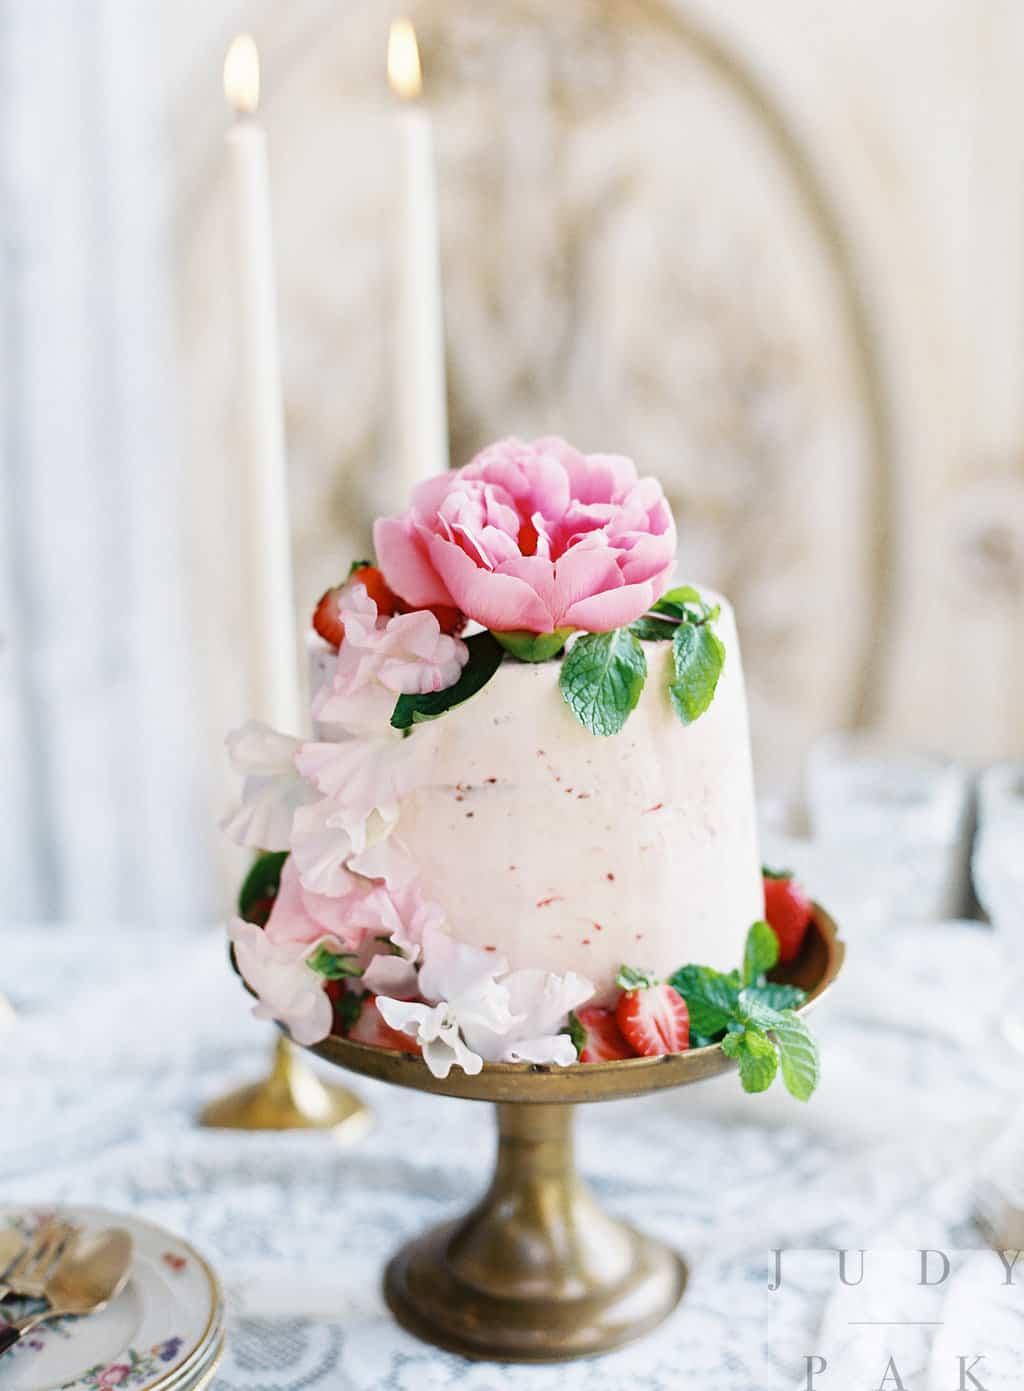 Putnam Summer Floral Workshop Cake